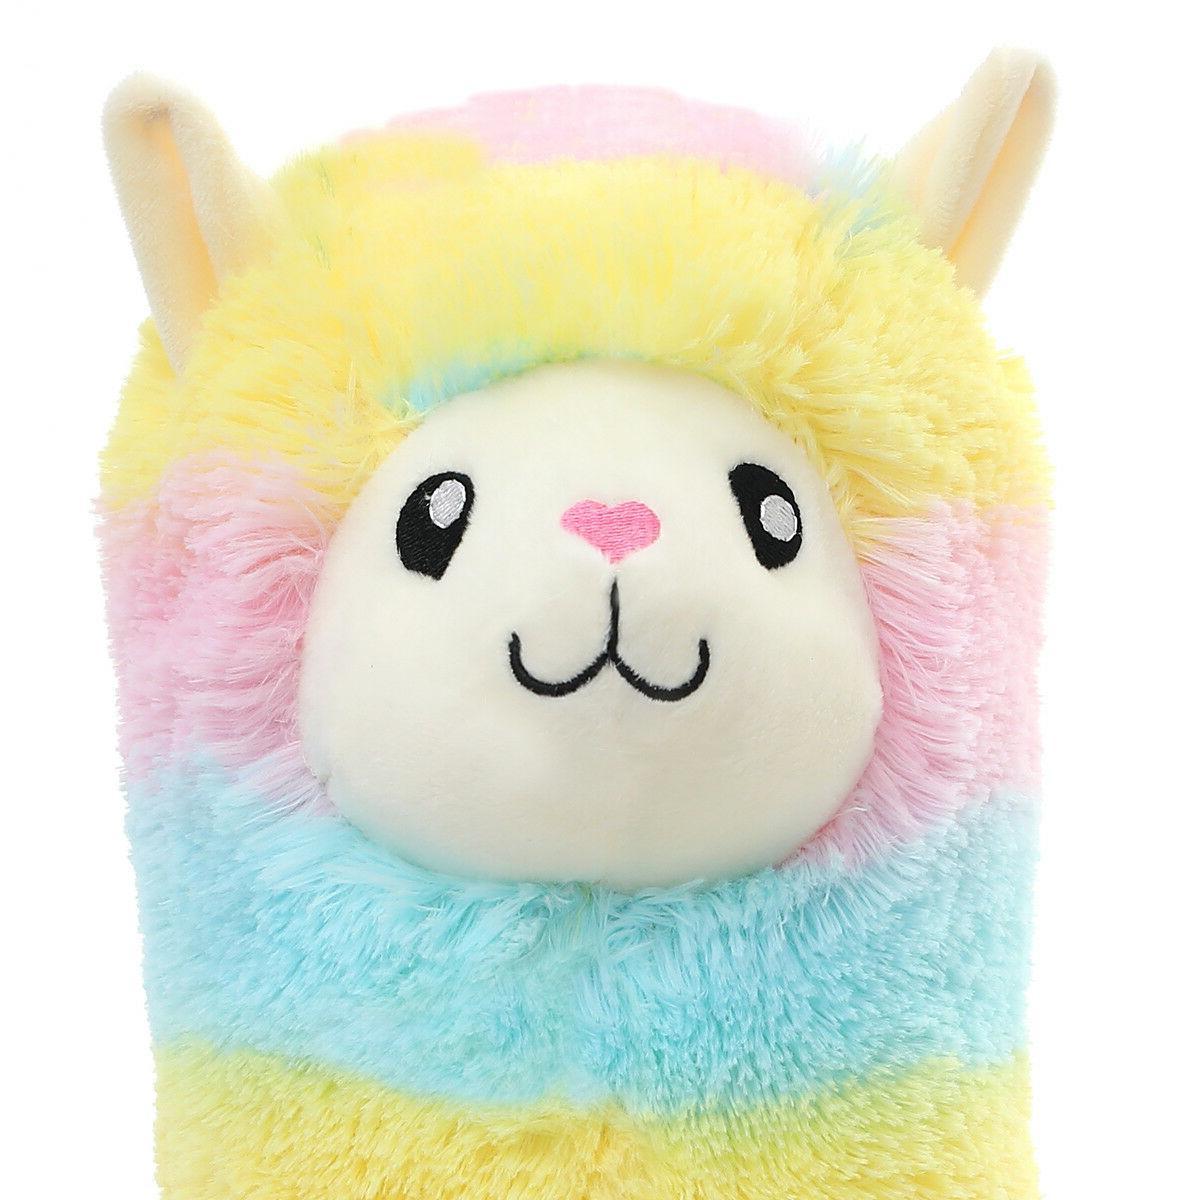 Winsterch Fluffy Toy Llama Animal